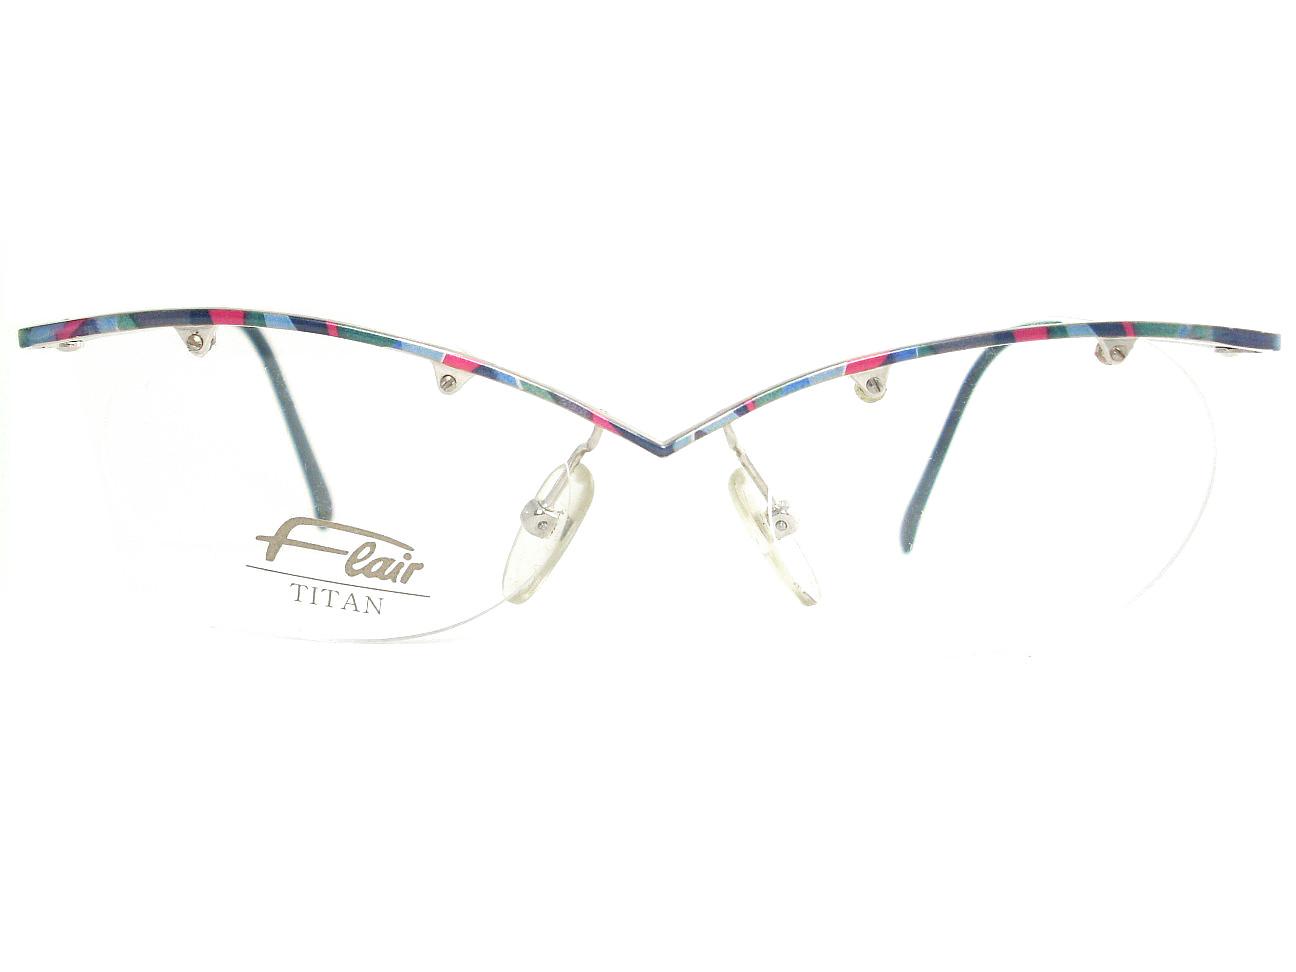 Vintage Eyeglasses Frames Eyewear Sunglasses 50S: Vintage Cat Eye ...